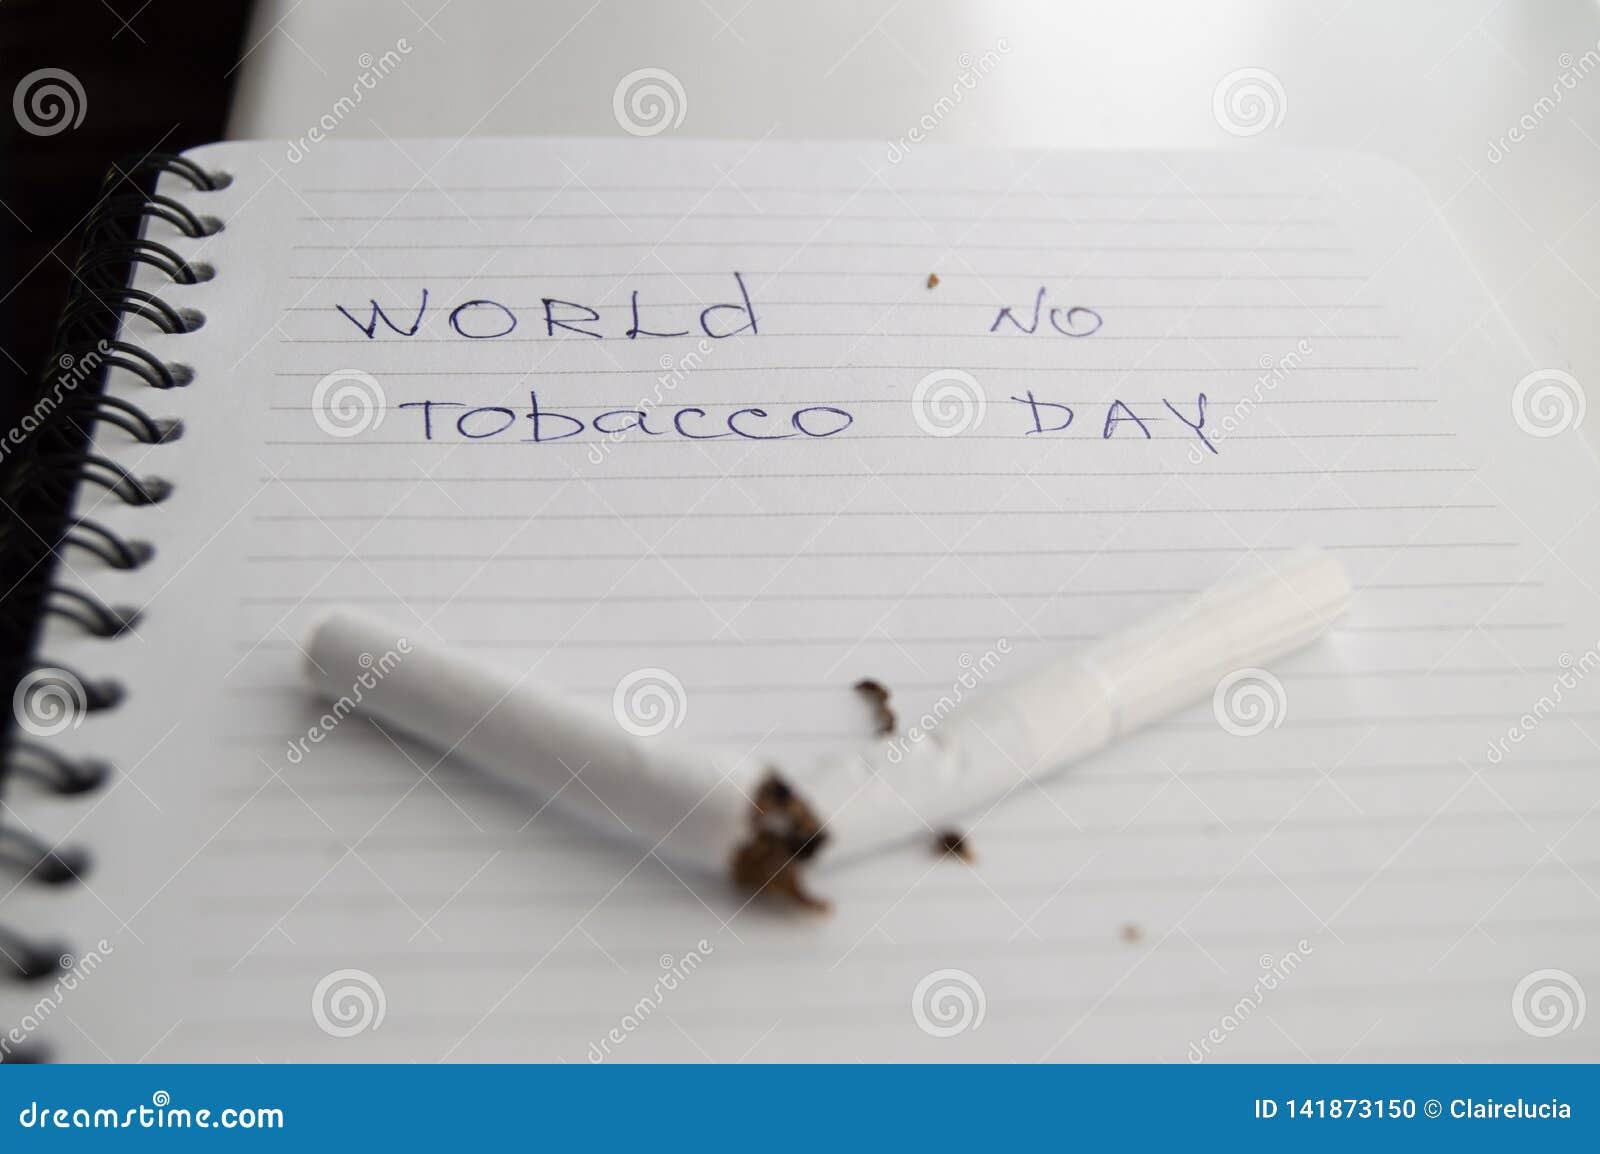 Värld ingen tobakdag, inget - röka dag Bruten cigarett på affärsanteckningsboken, minimalism